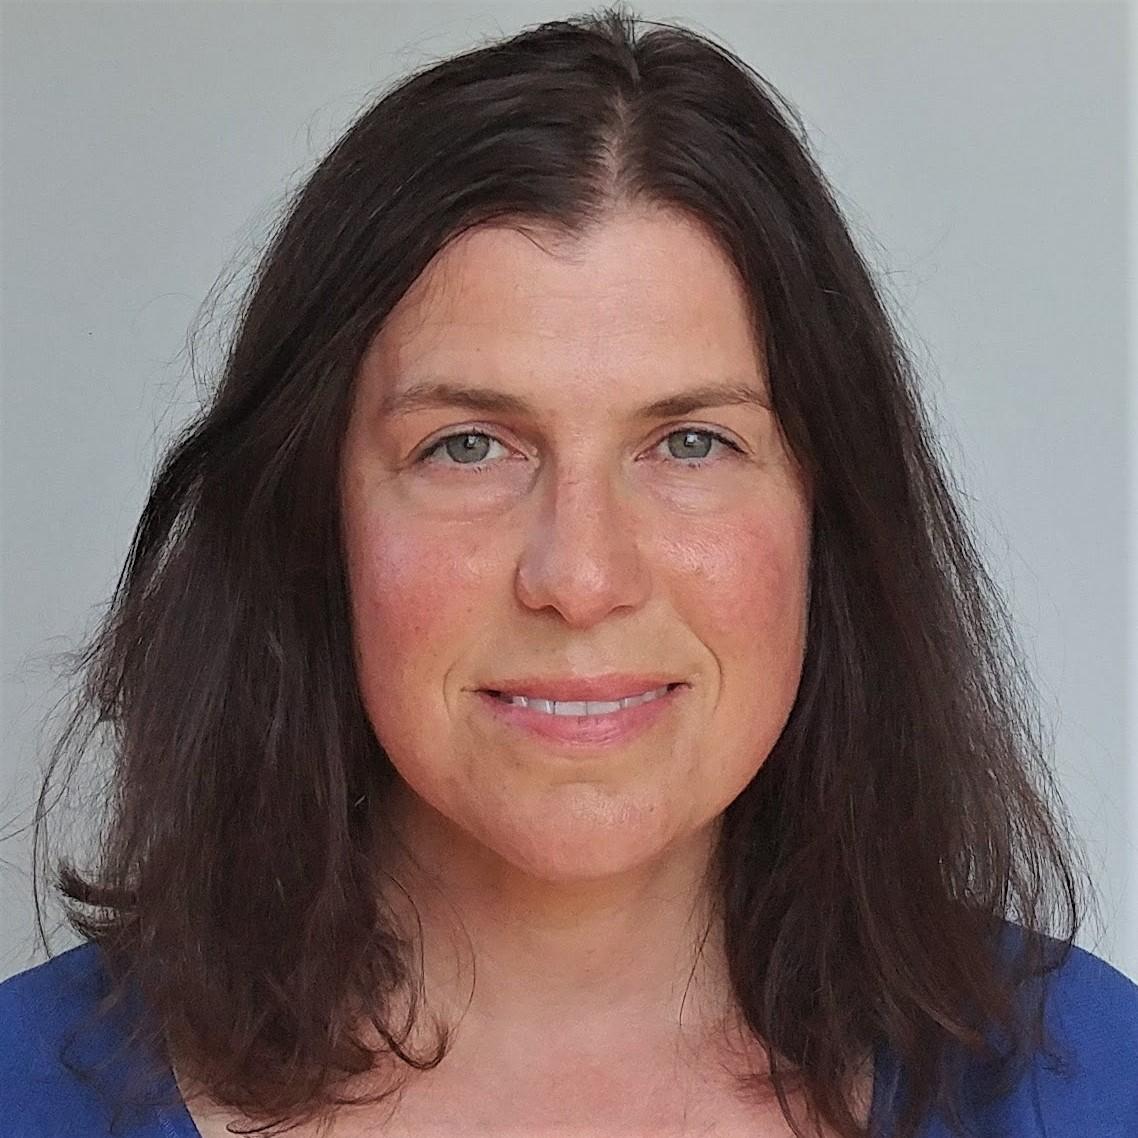 Didi Gorman, Wise Choice Market's blog writer